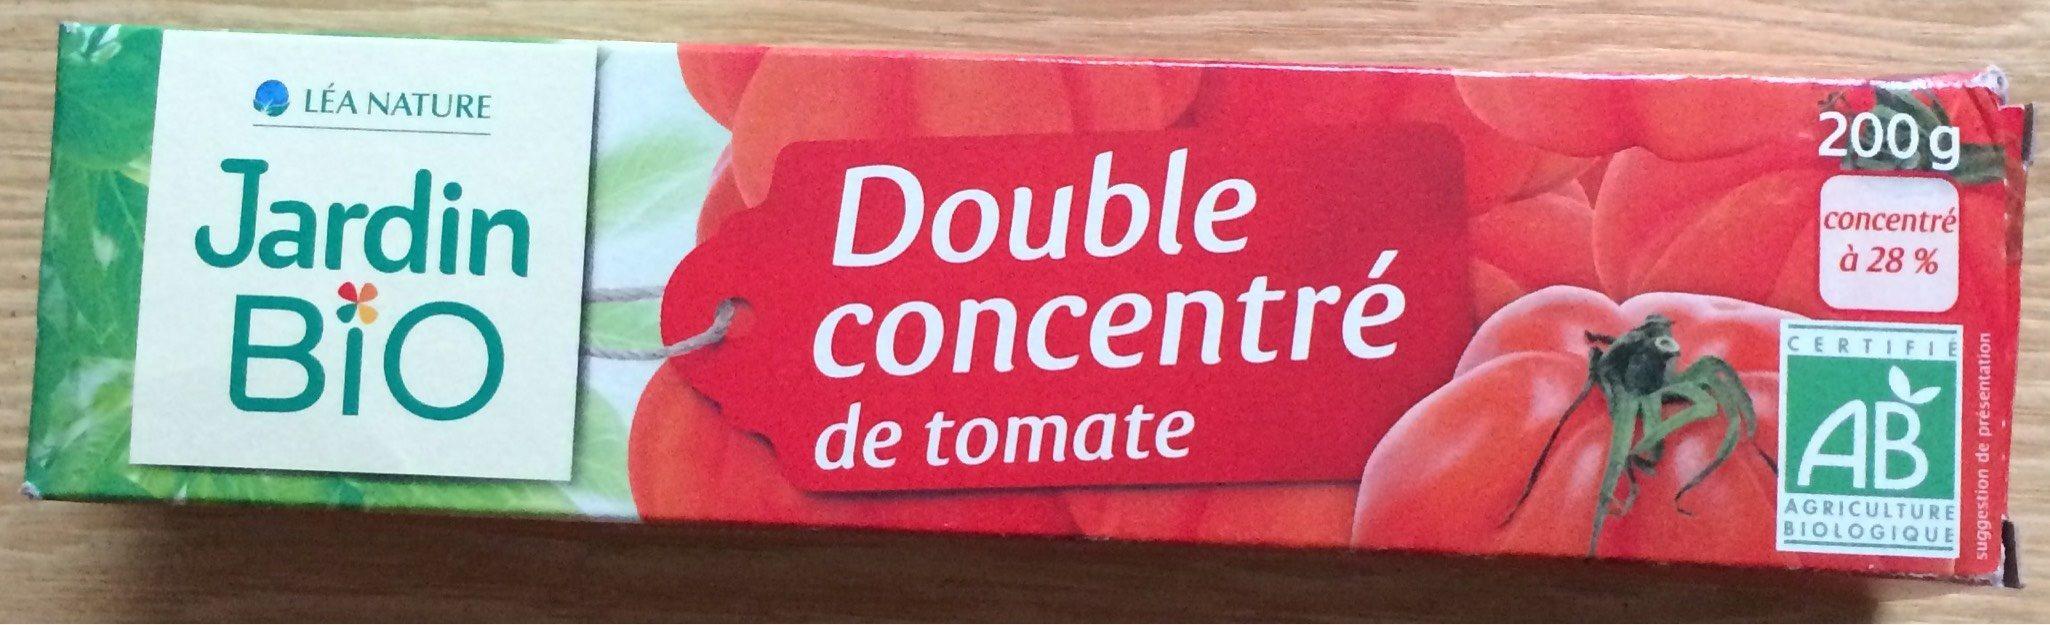 Double concentré de tomate Bio (28%) (Voir 2000000002768) - Product